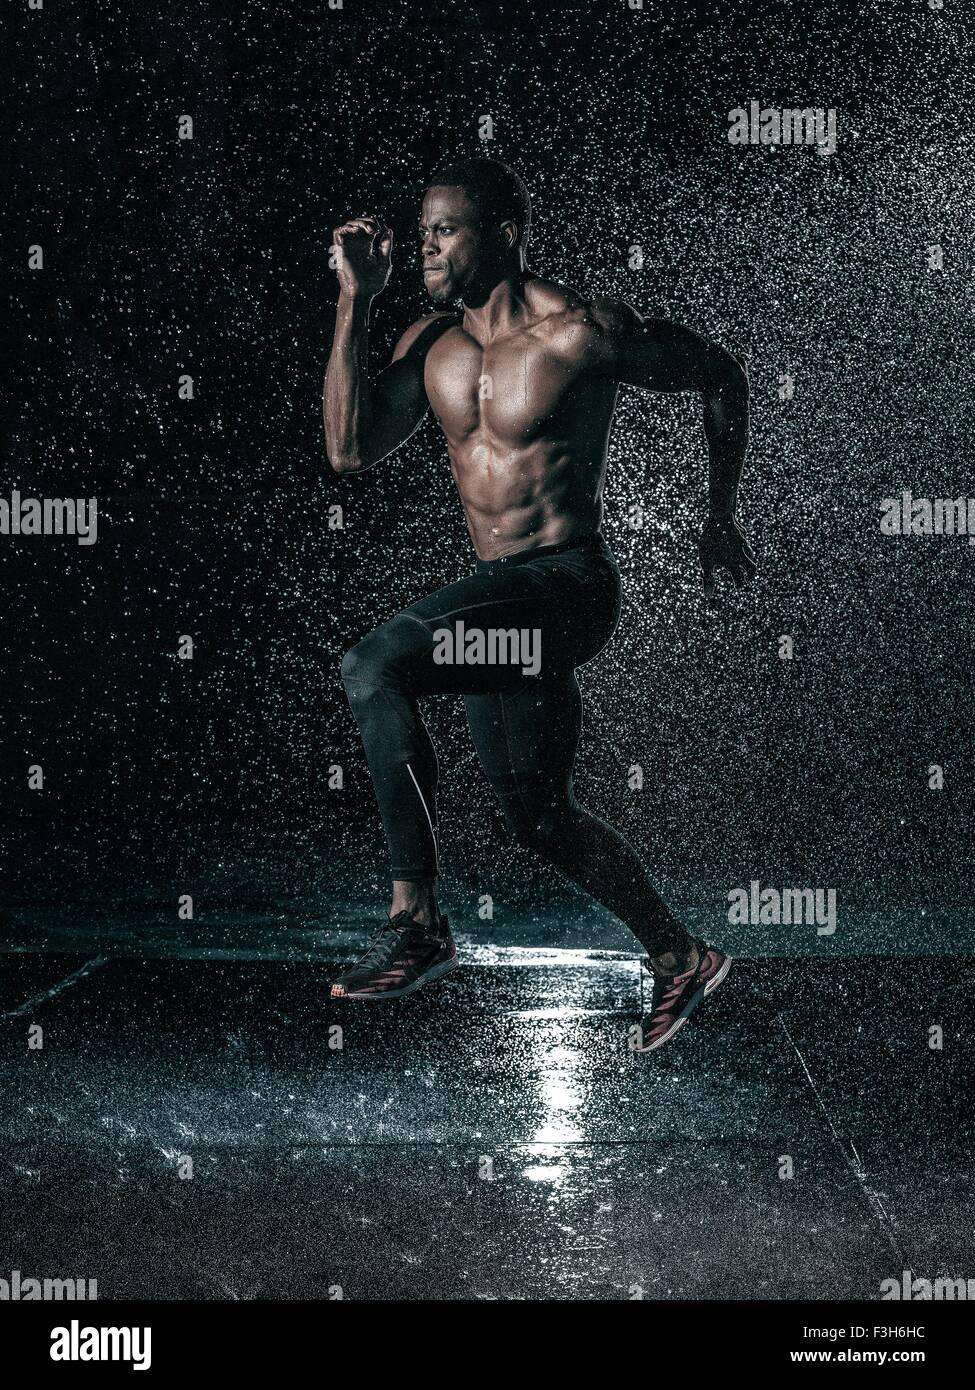 Mitad hombre adulto, al aire libre, corriendo en la lluvia Imagen De Stock